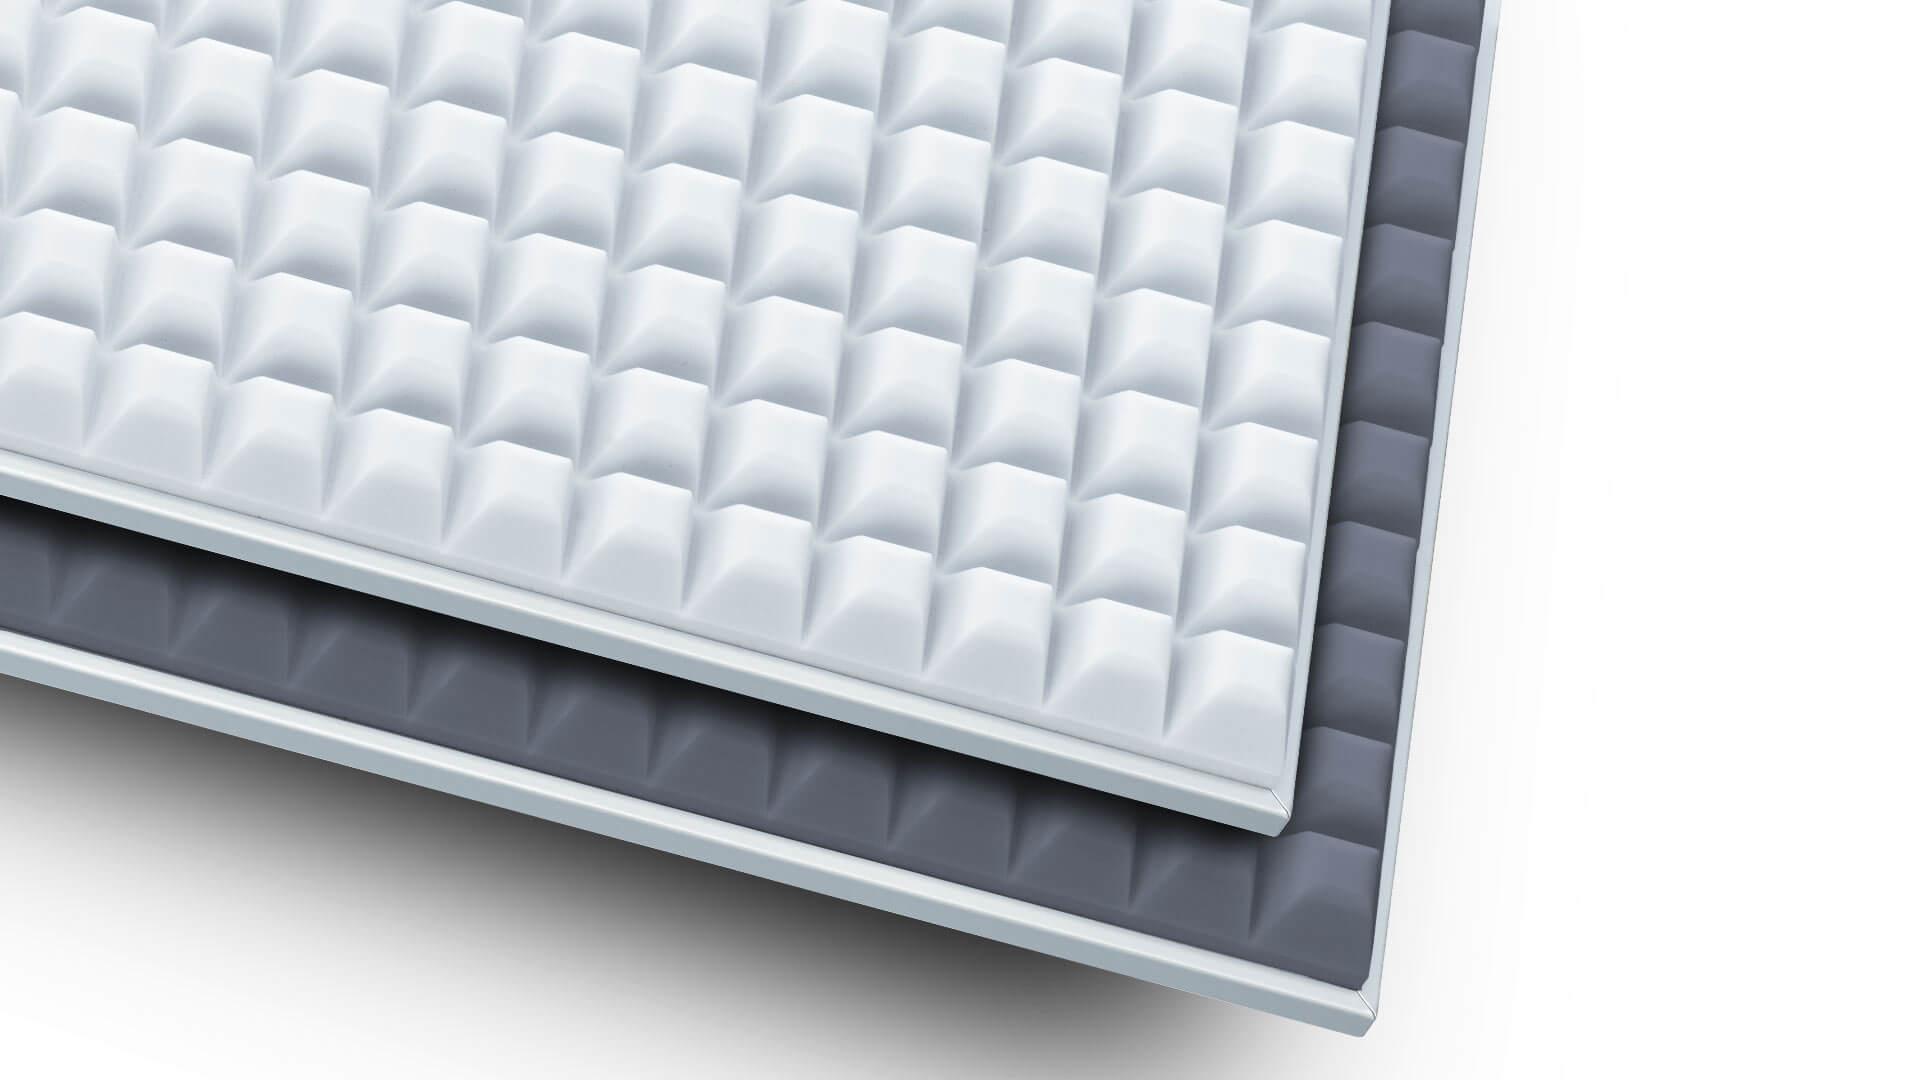 Isolation acoustique aixFOAM - Des absorbeurs de première qualité pour une isolation acoustique maximale